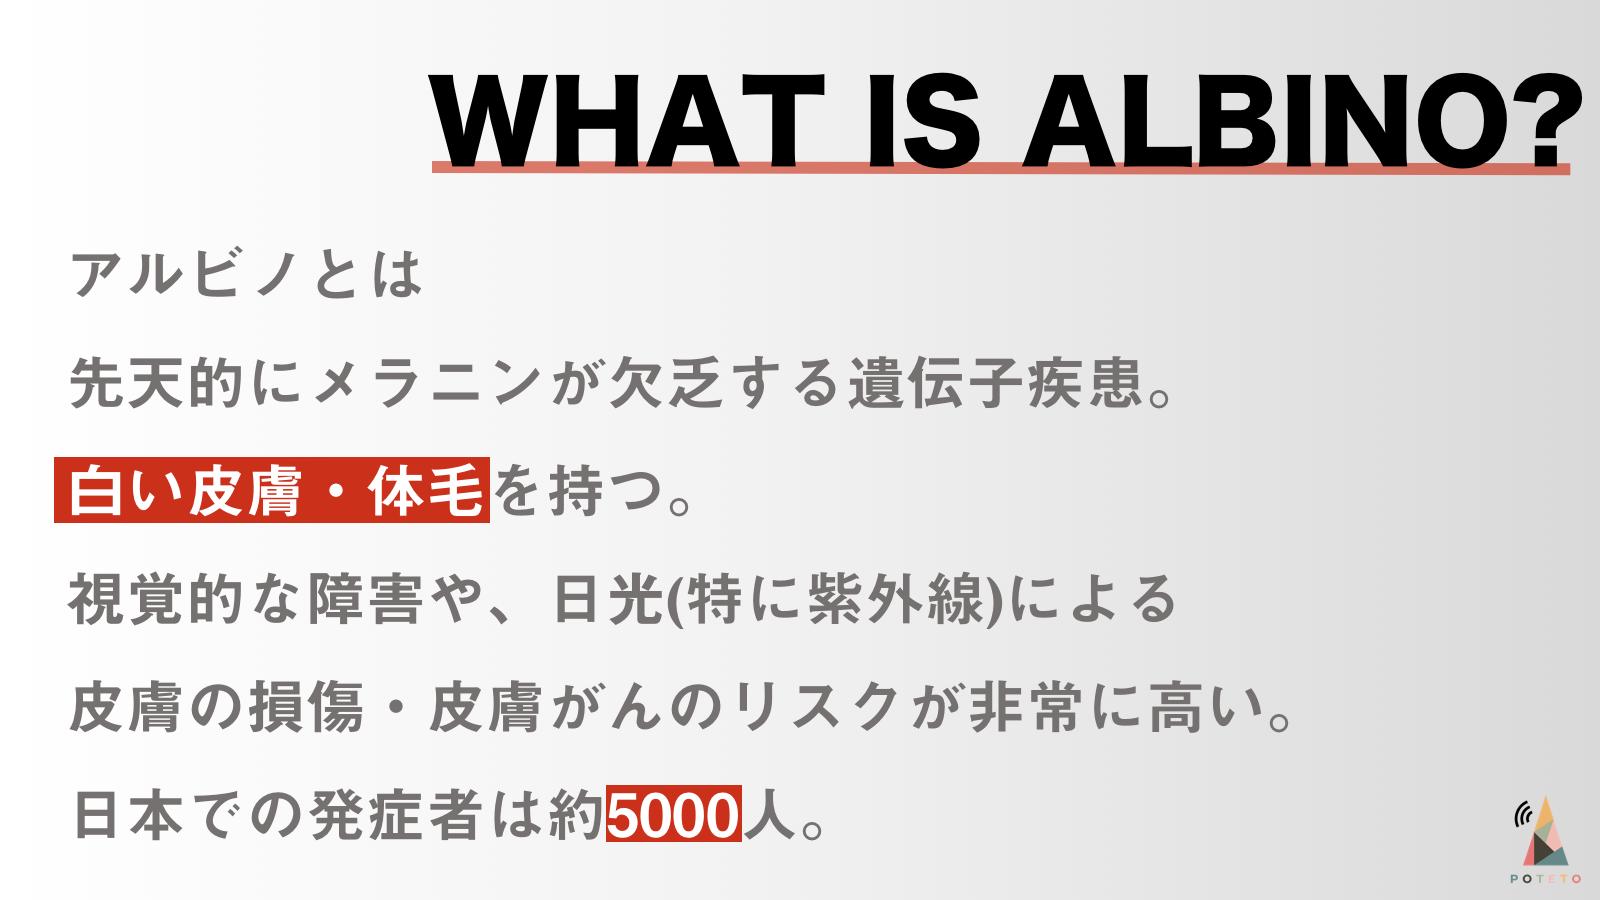 2 - アルビノを知っていますか?